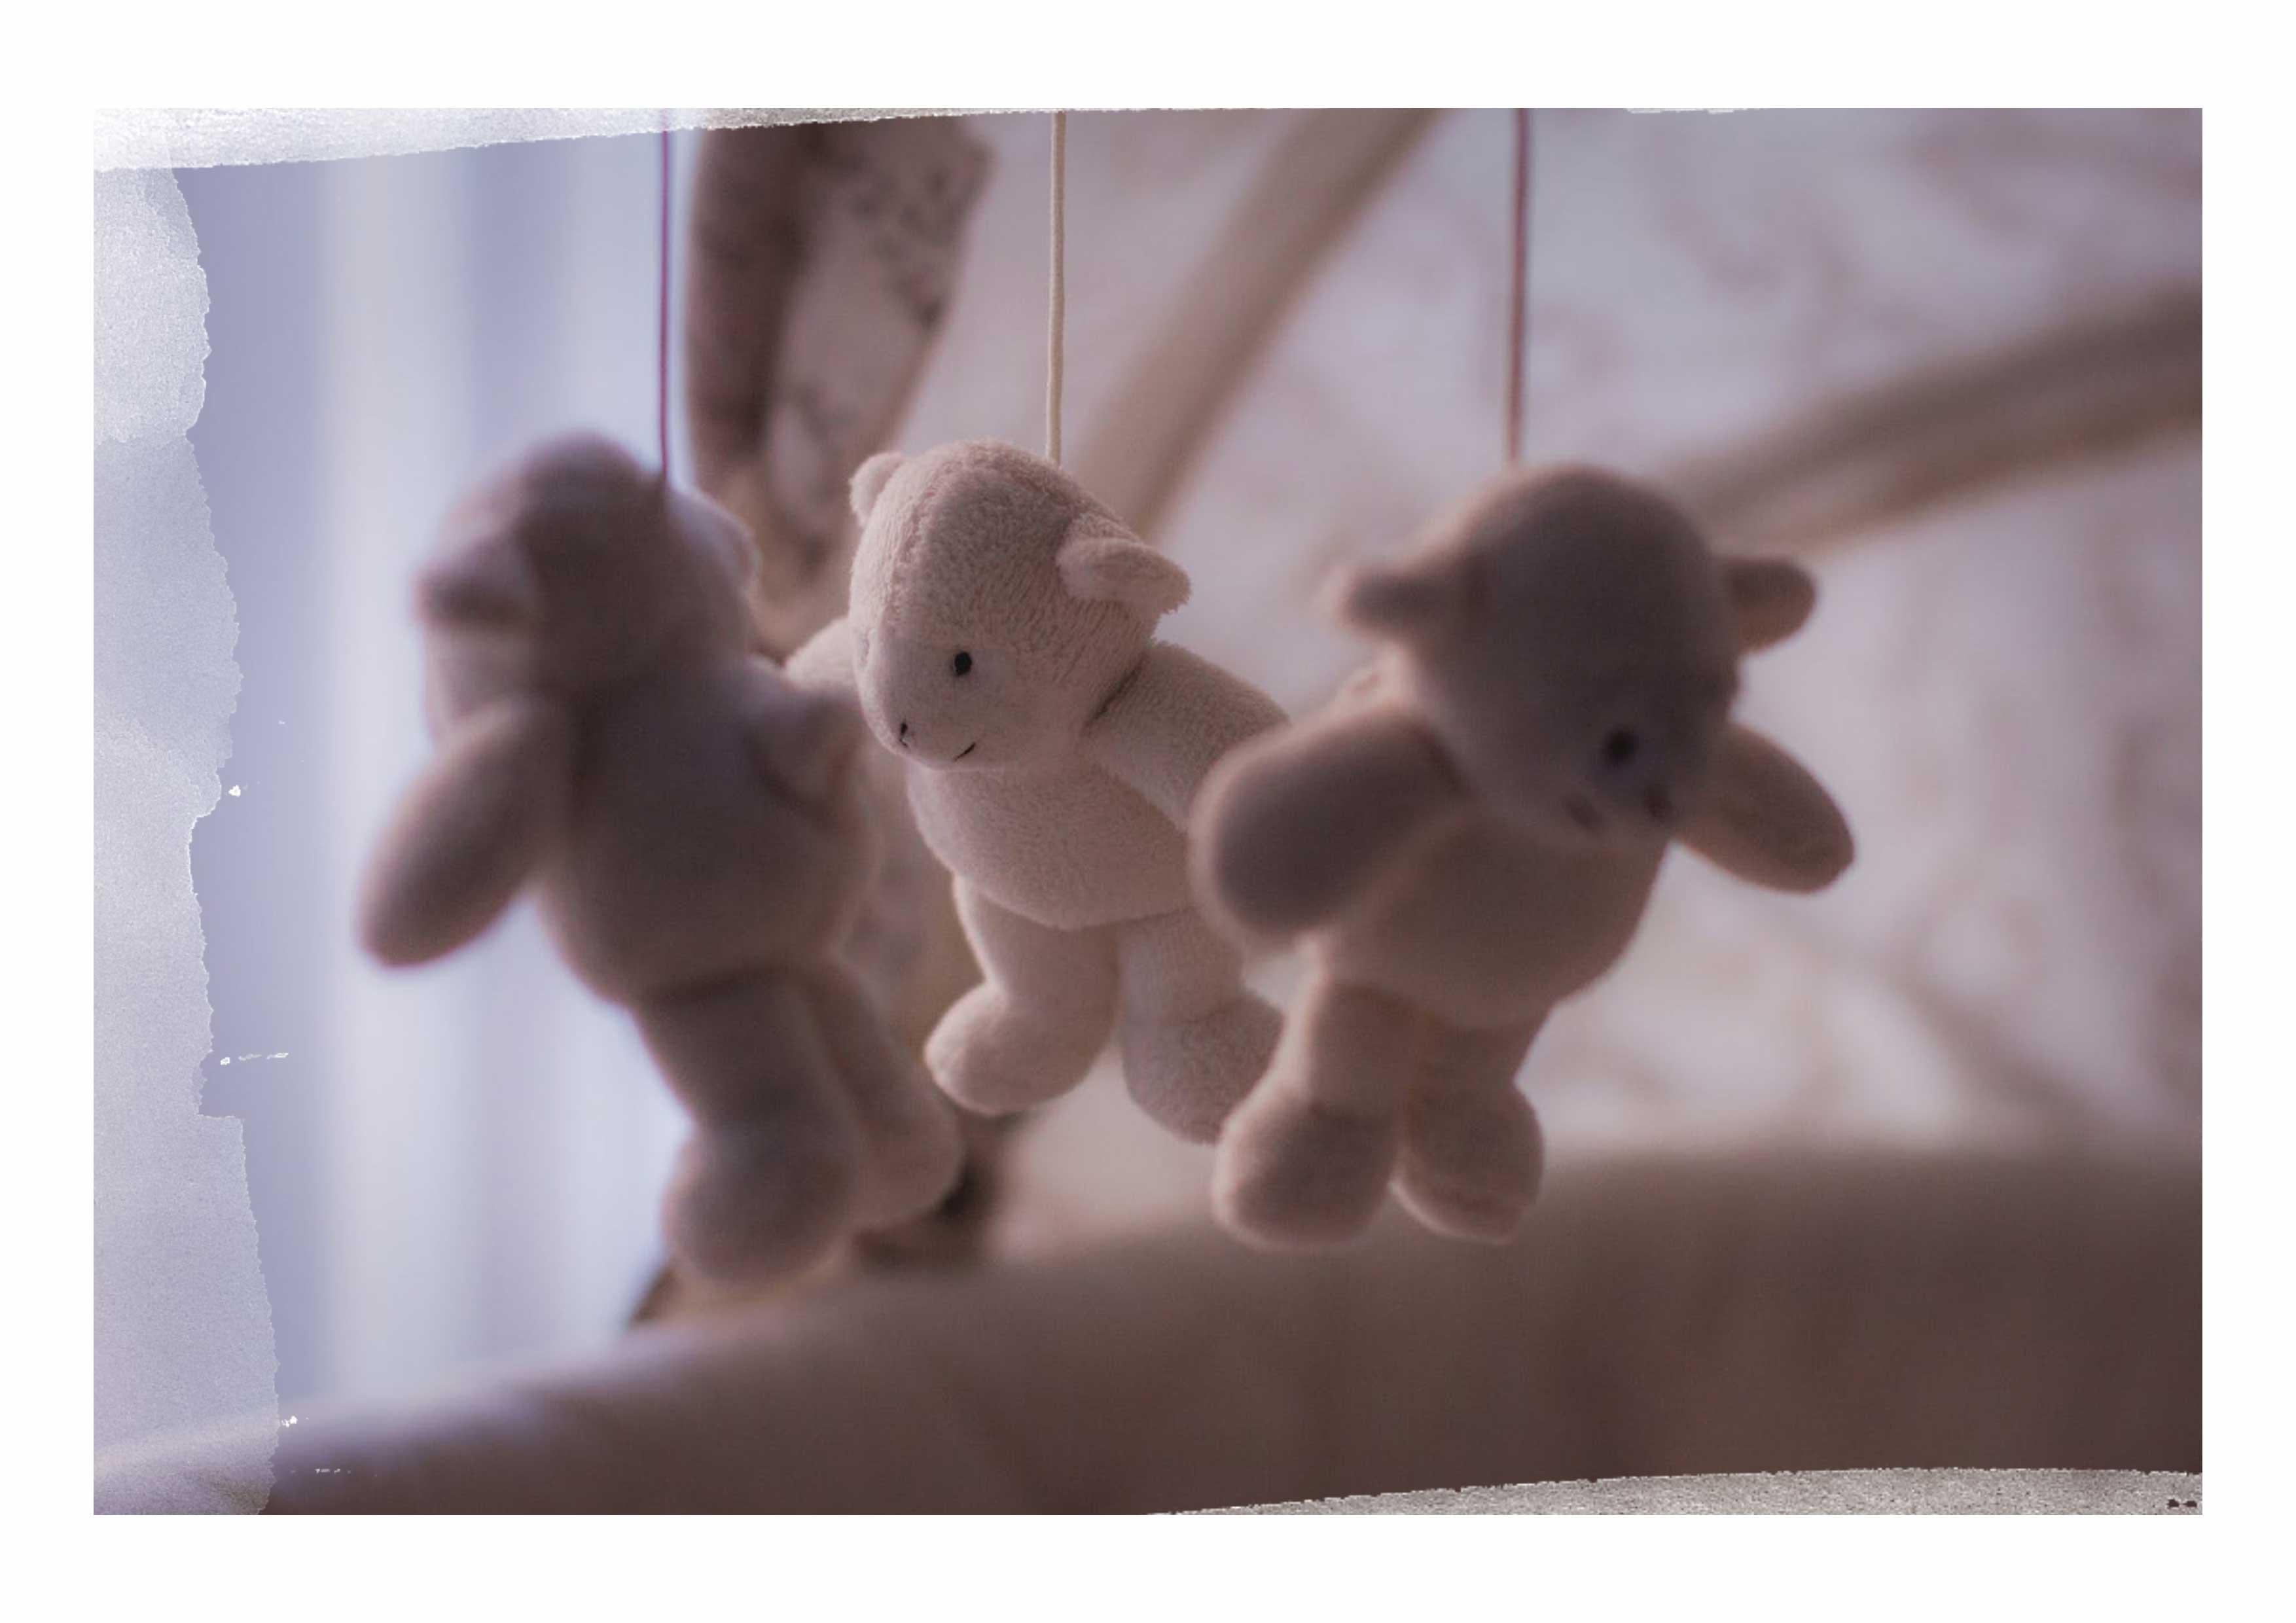 Cato Verloskundigen - Na de bevalling